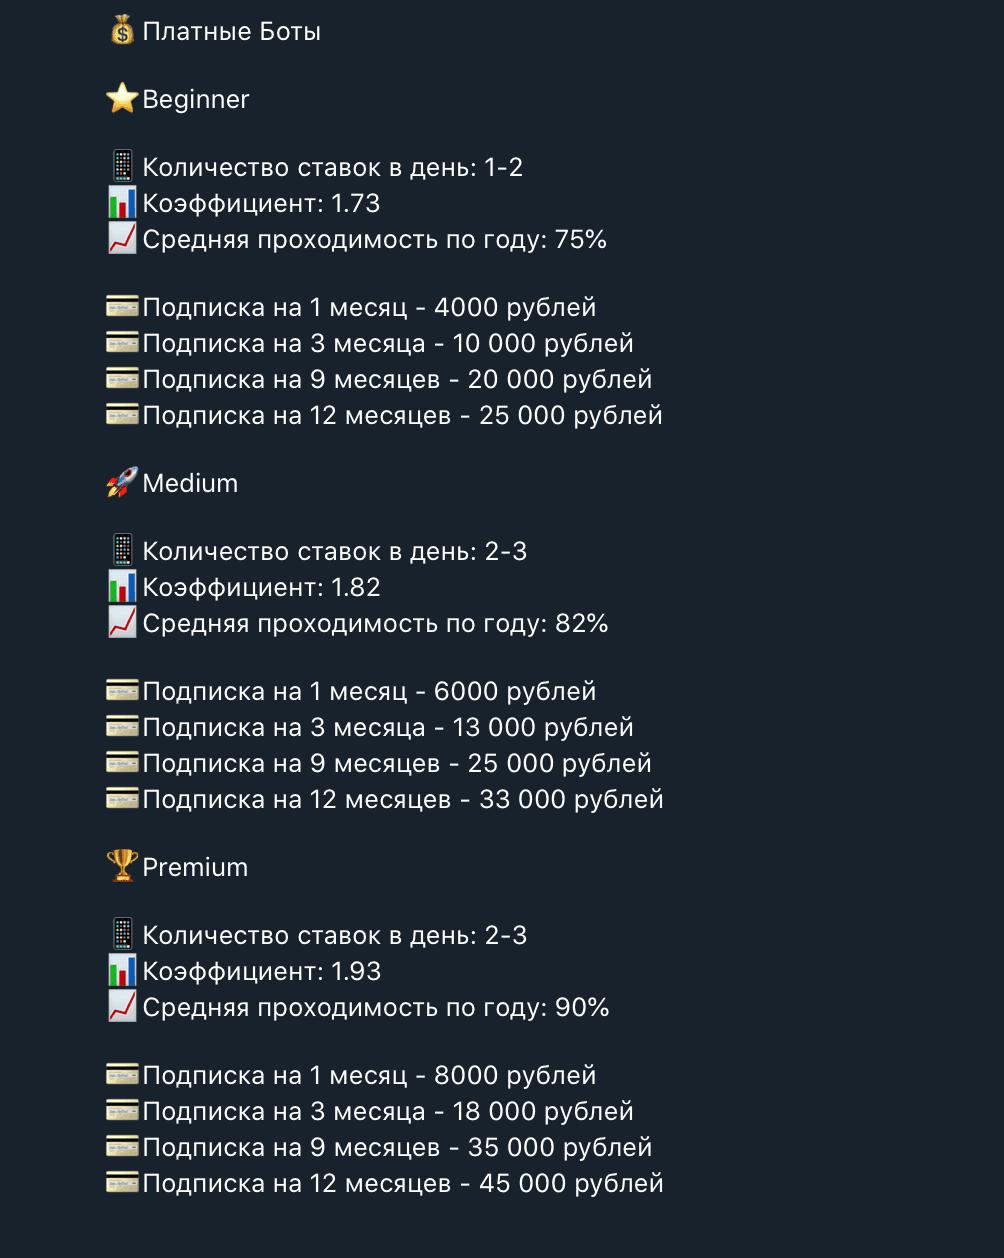 Цены на подписки бота Вонт Резаулт